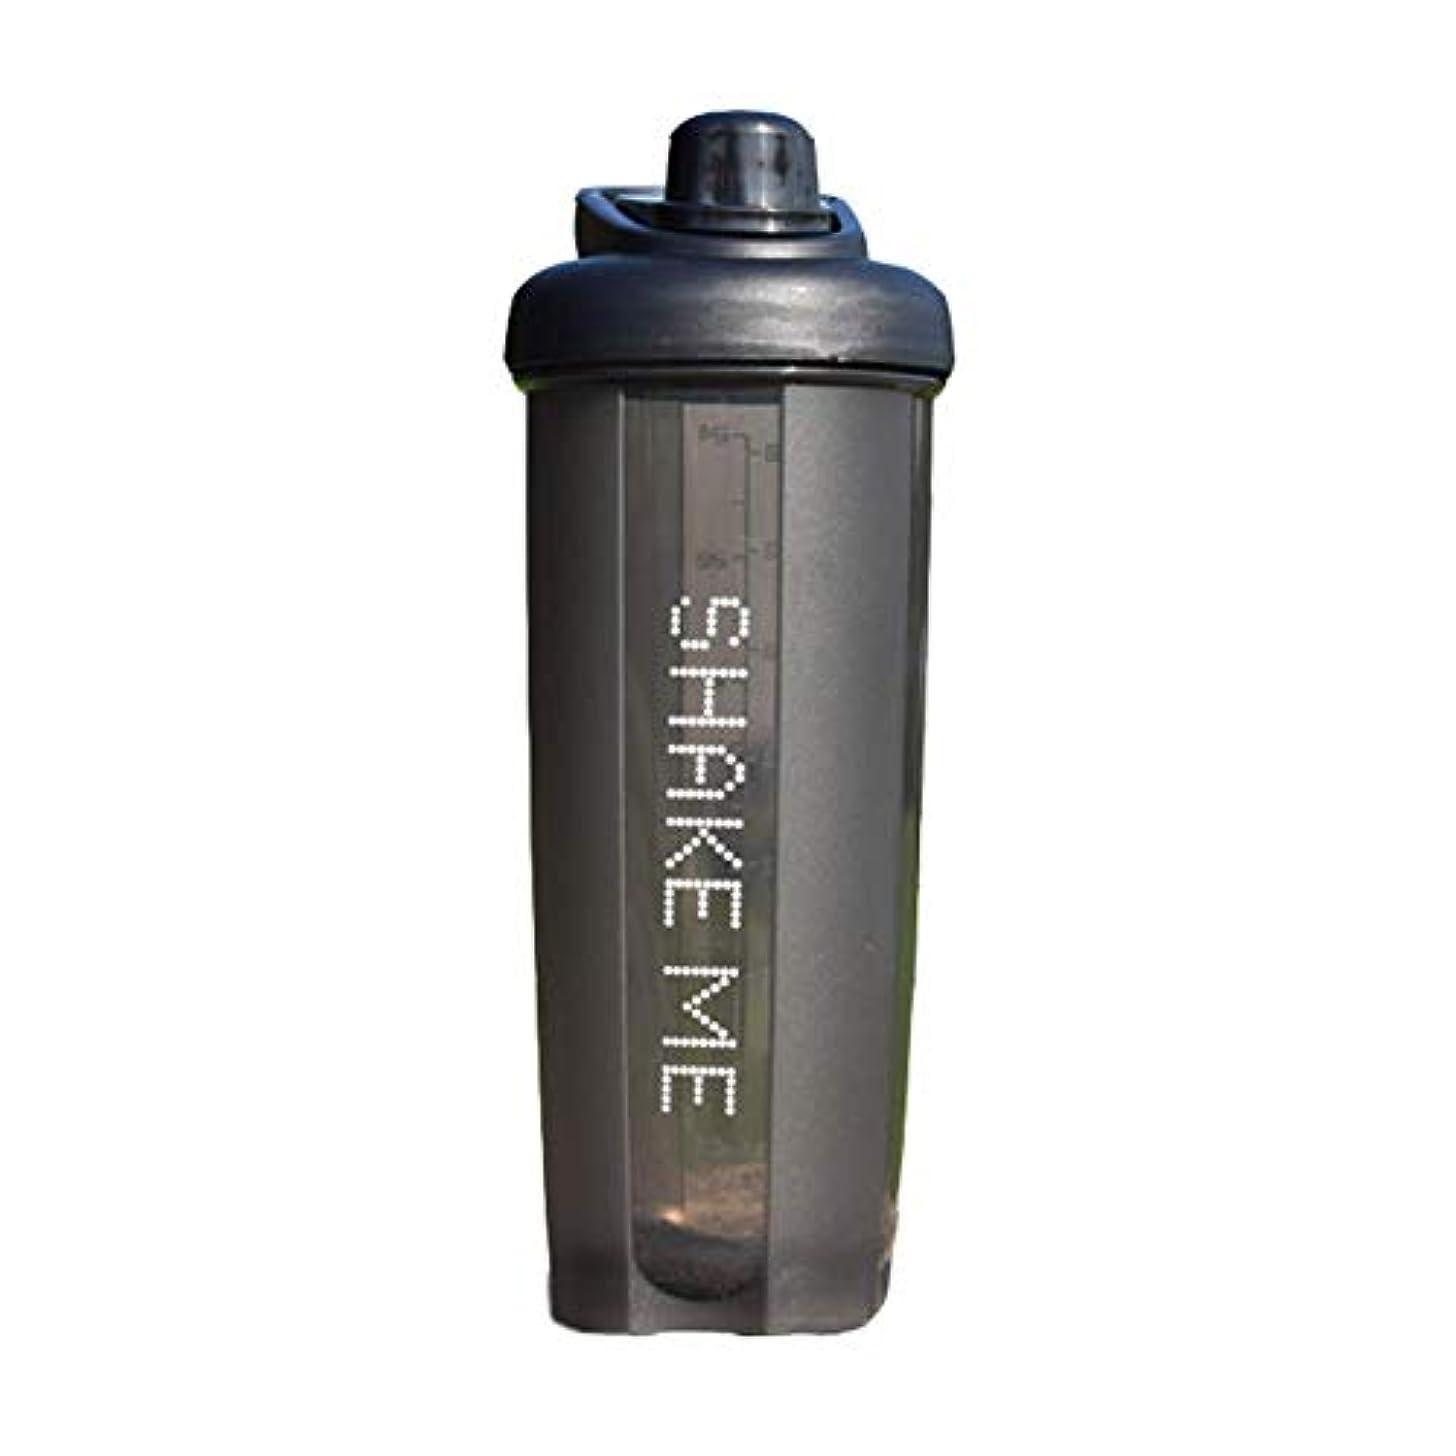 子エンジンバンドGOIOD ブレンダーボトル ミキサー シェーカー ボトル Classic (500-700ml) ブラック